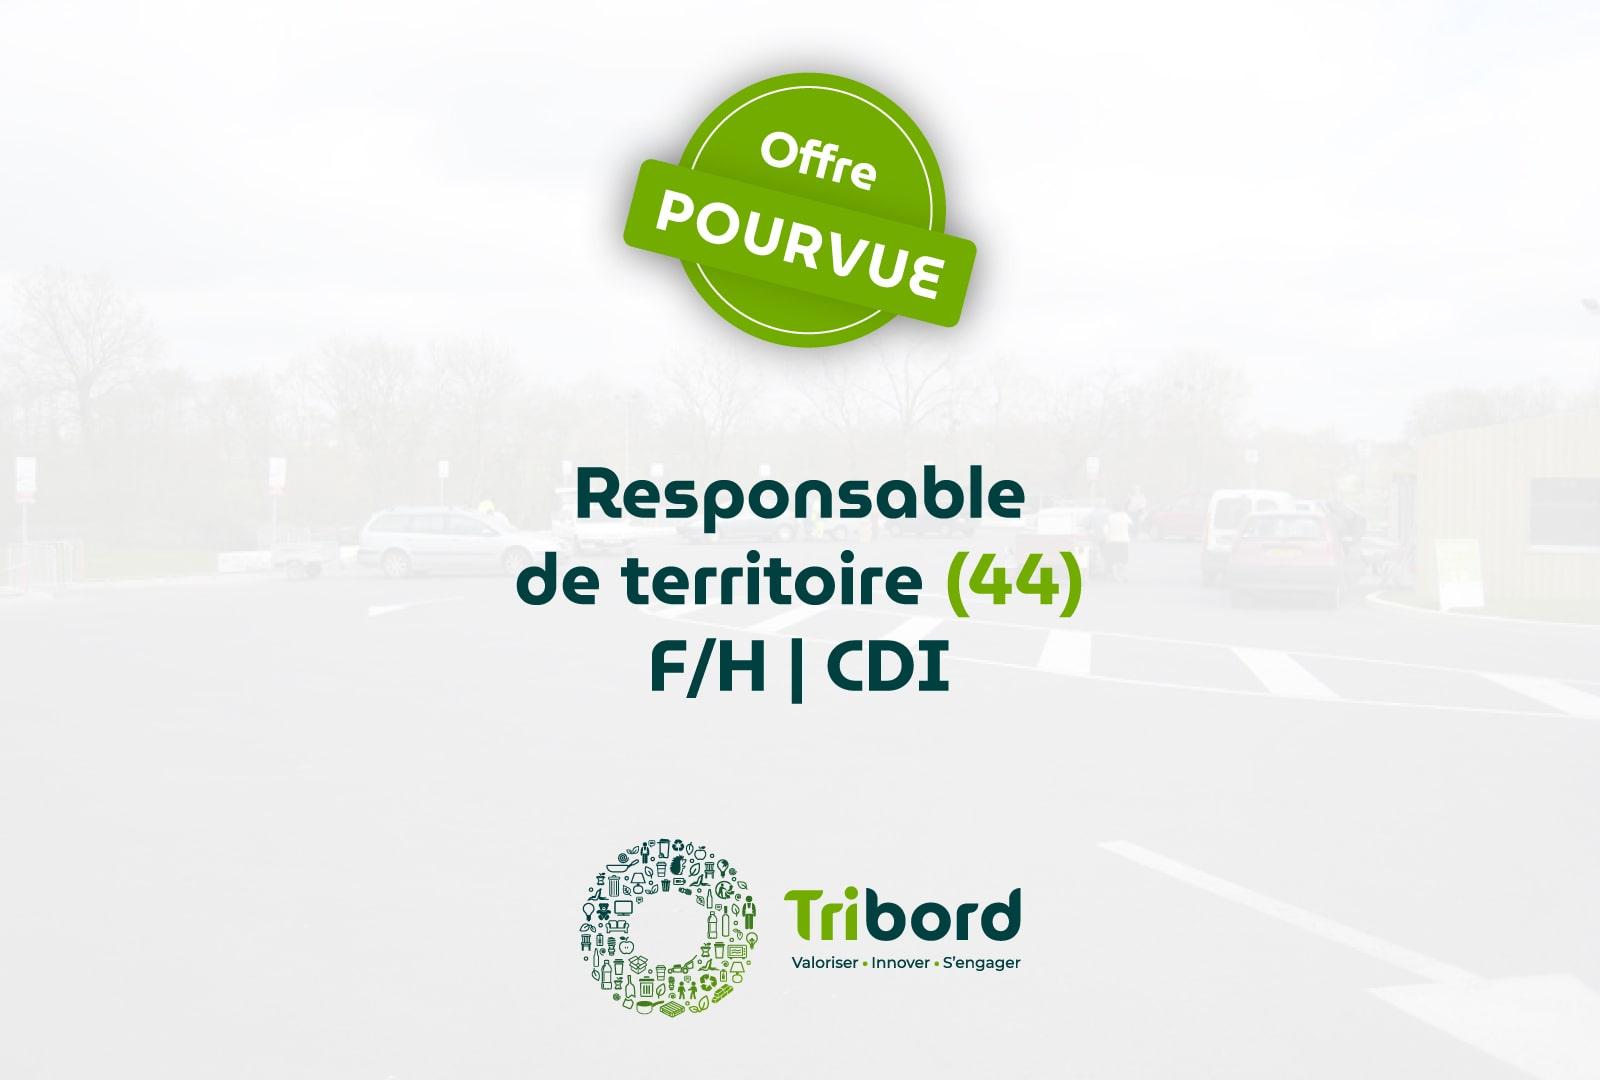 Offre d'emploi Responsable de territoire 44 pourvue Tribord